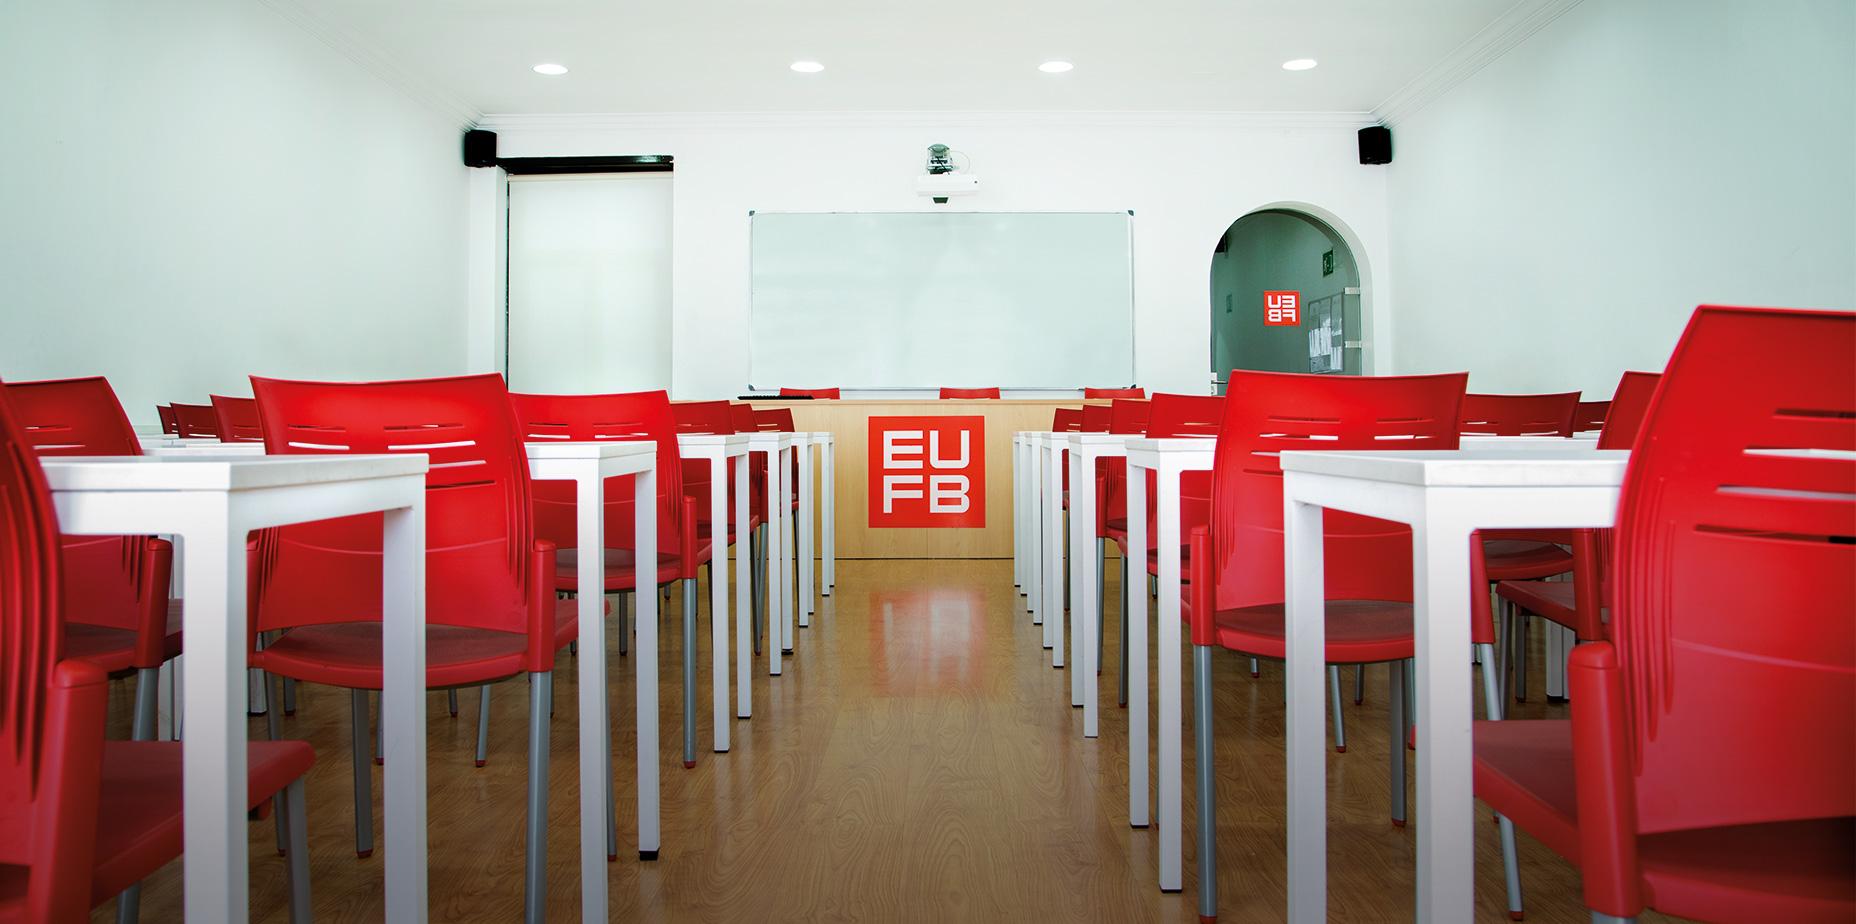 <p>Inscríbete ahora<br /> y aprovecha nuestras<br /> oportunidades</p>  | Escuela Universitaria Formatic Barcelona